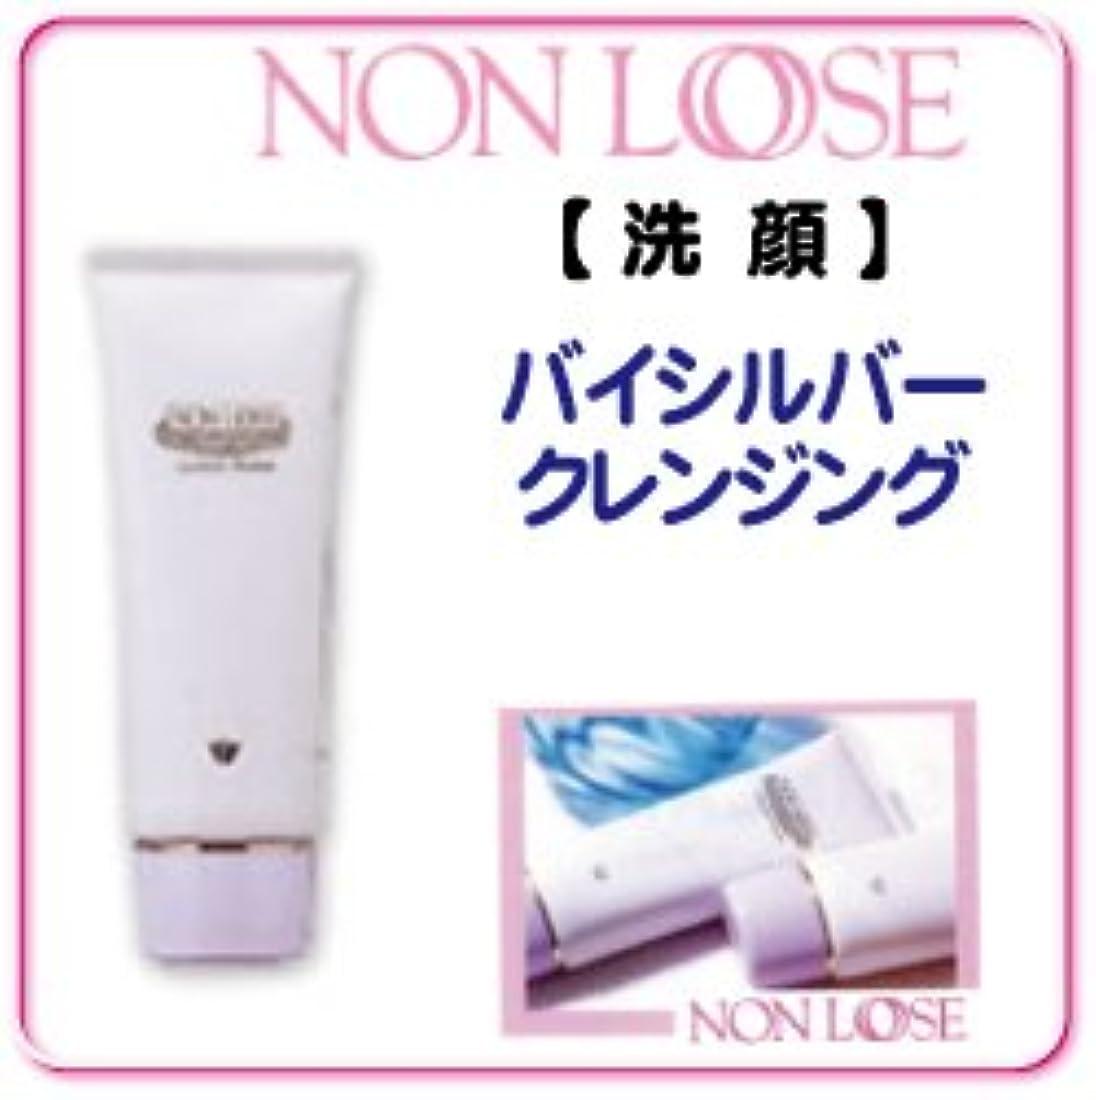 ベルマン化粧品 ノンルース バイシルバークレンジング 100g 【洗い流し専用】